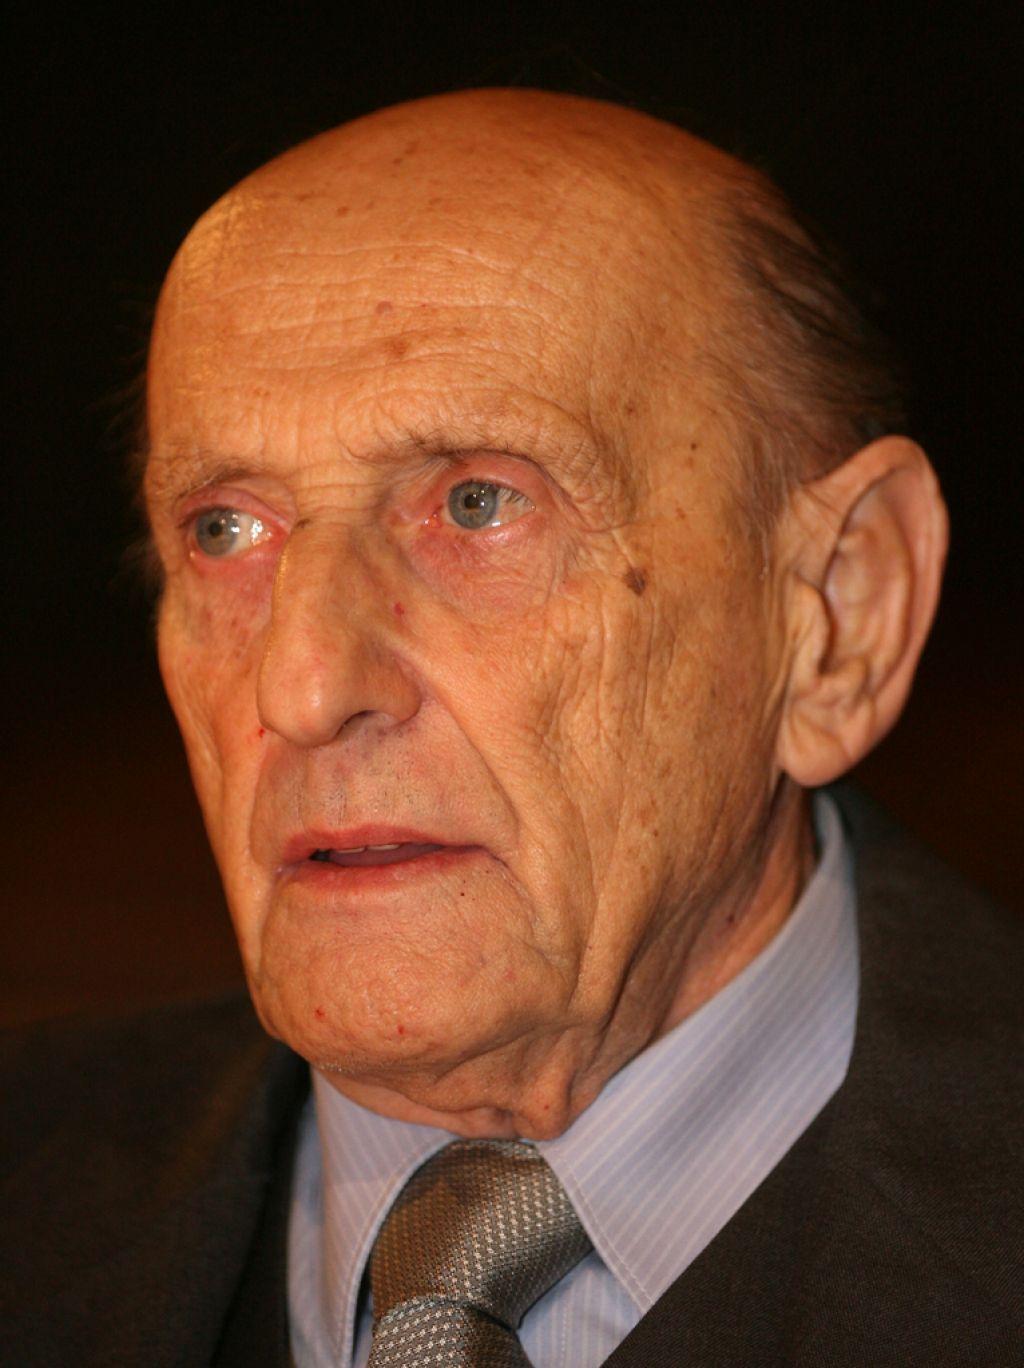 Akademik dr. Miha Tišler, devetdesetletnik